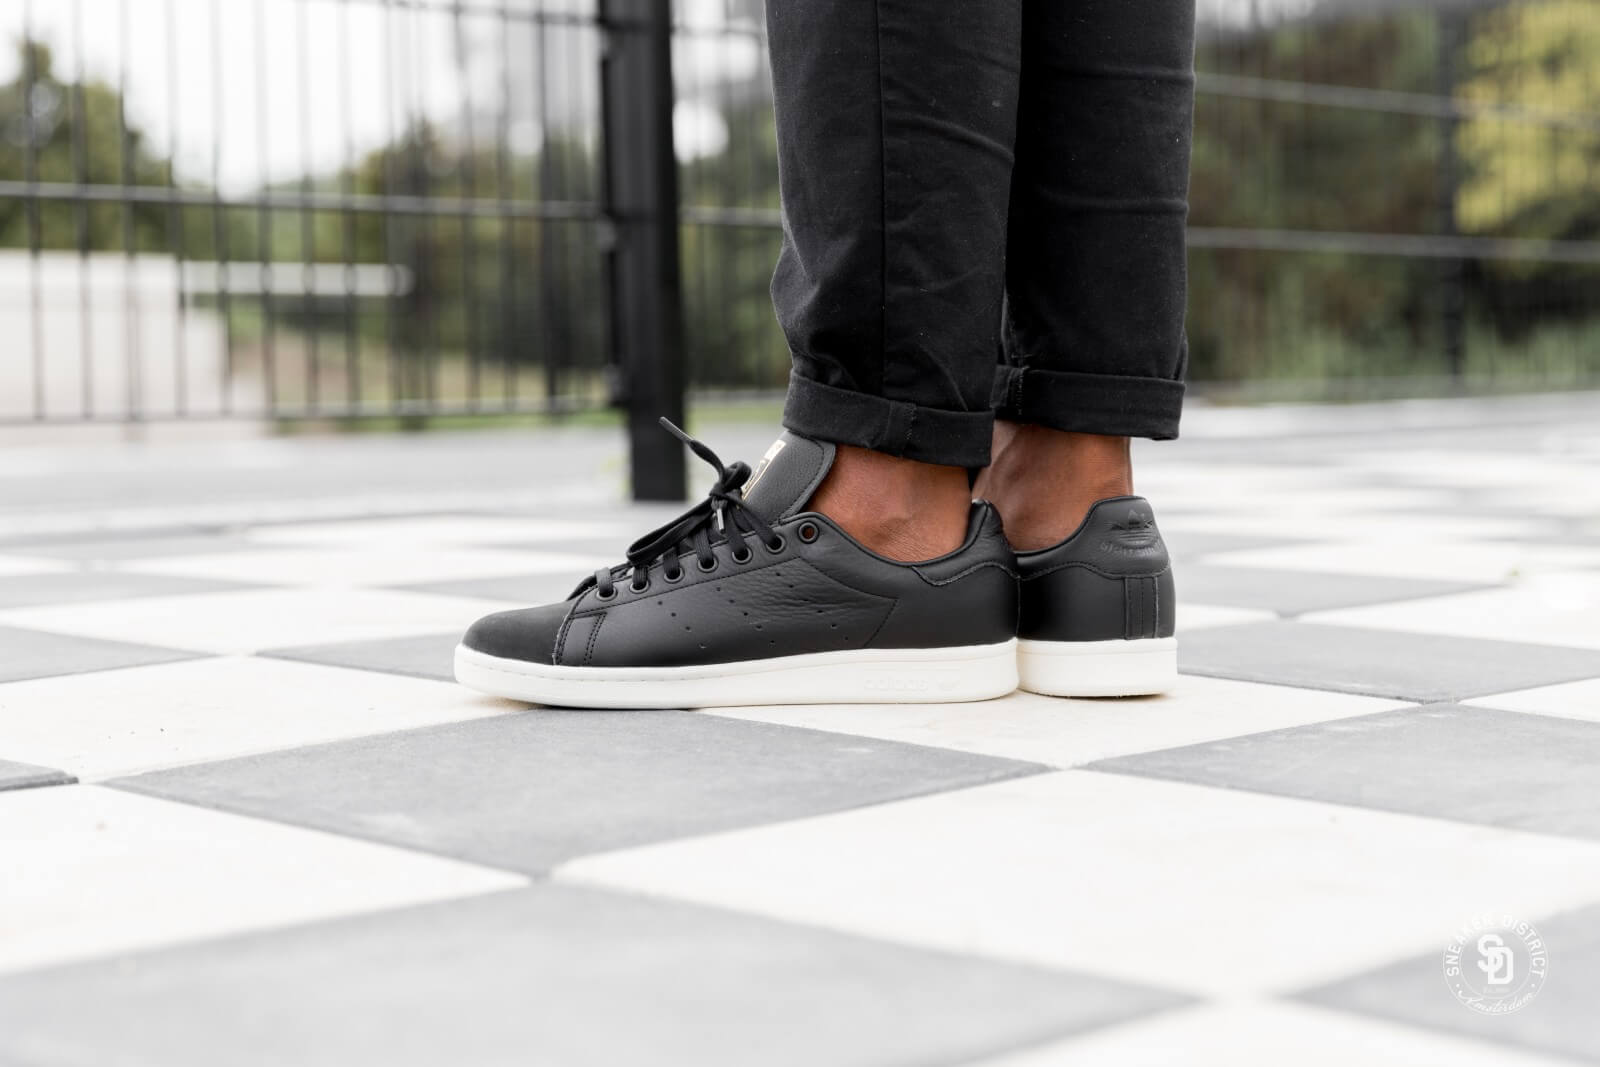 Adidas Stan Smith Premium Core Black/Gold Metallic - B37901